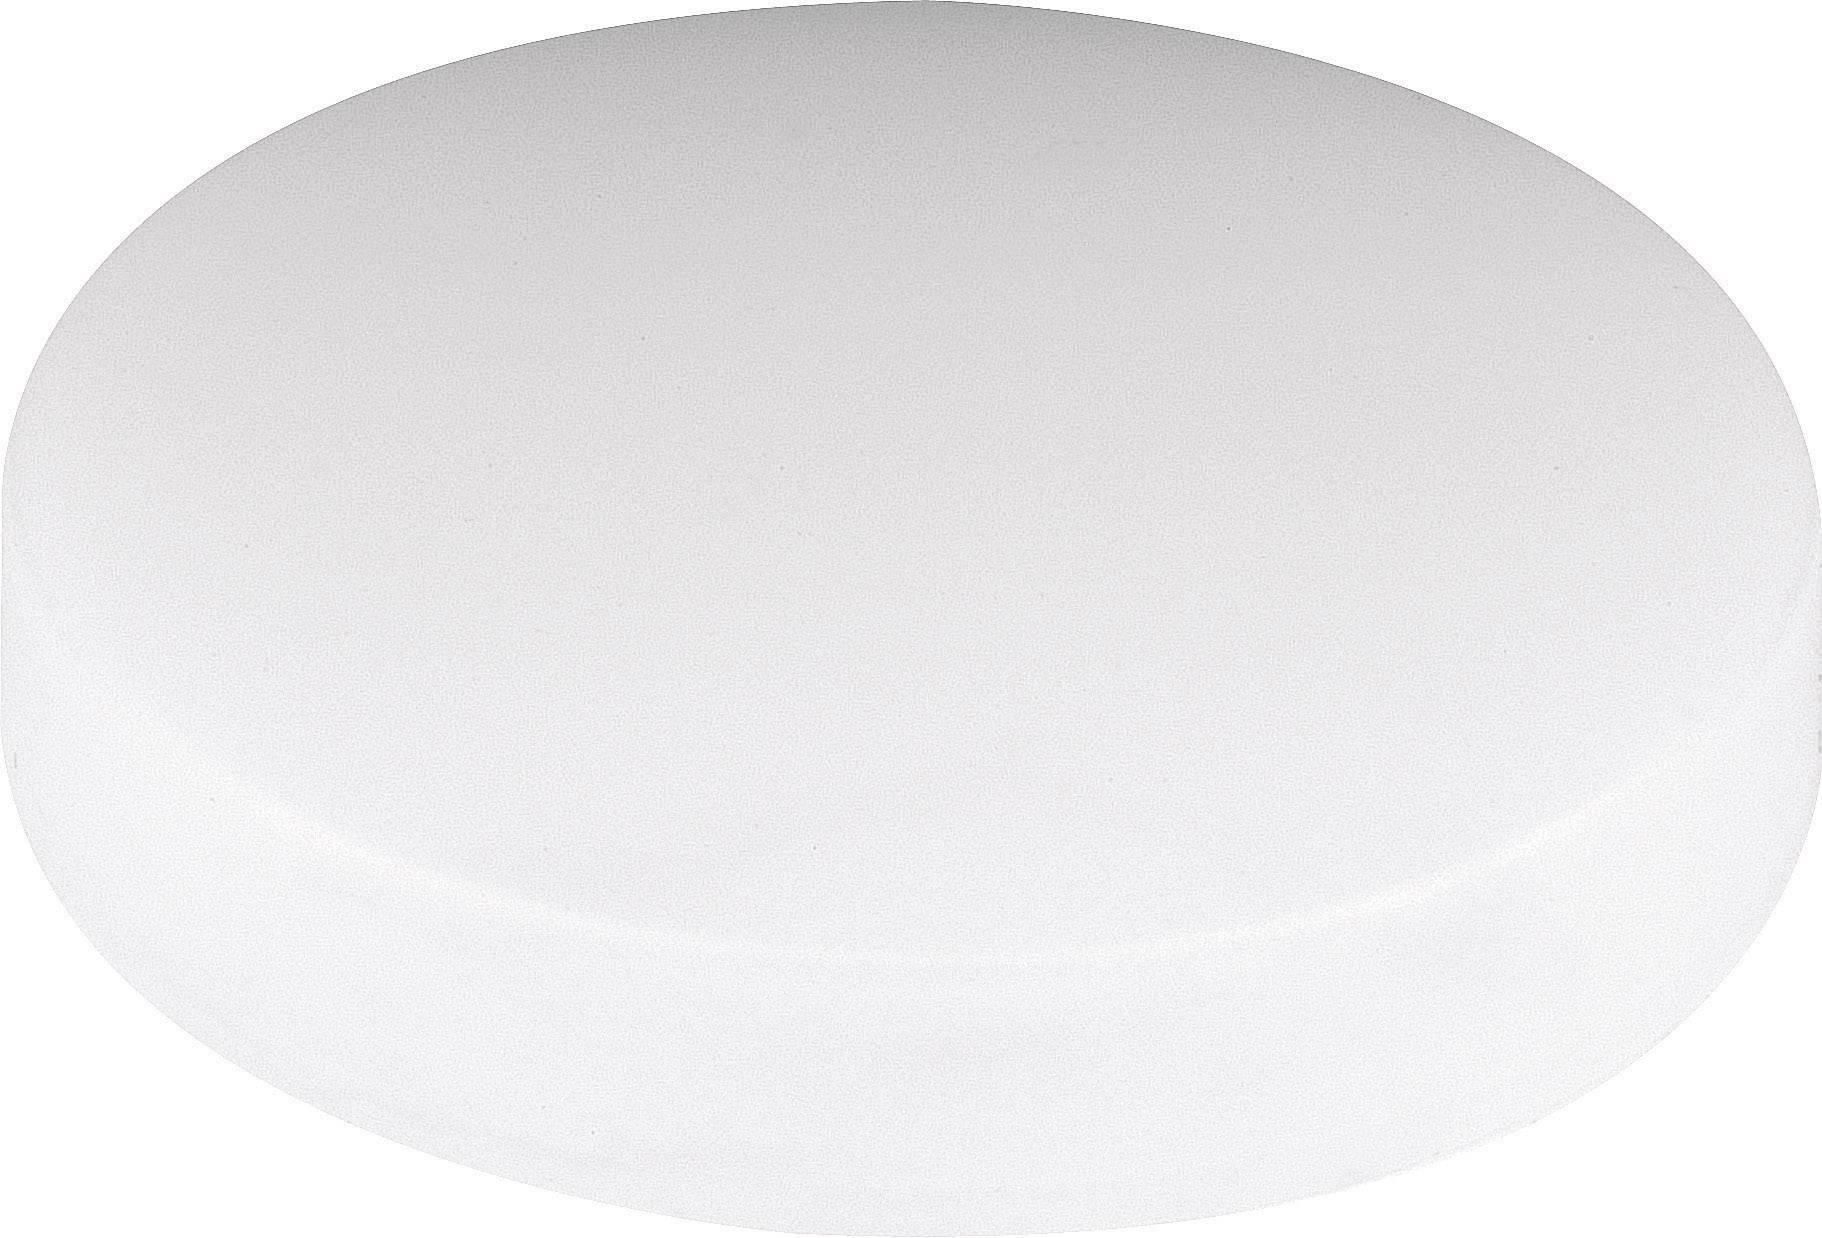 Světelná krytka pro reflektor Mentor, 2451.0200, 18 mm, (Ø x v) 19.1 mm x 3 mm, červená